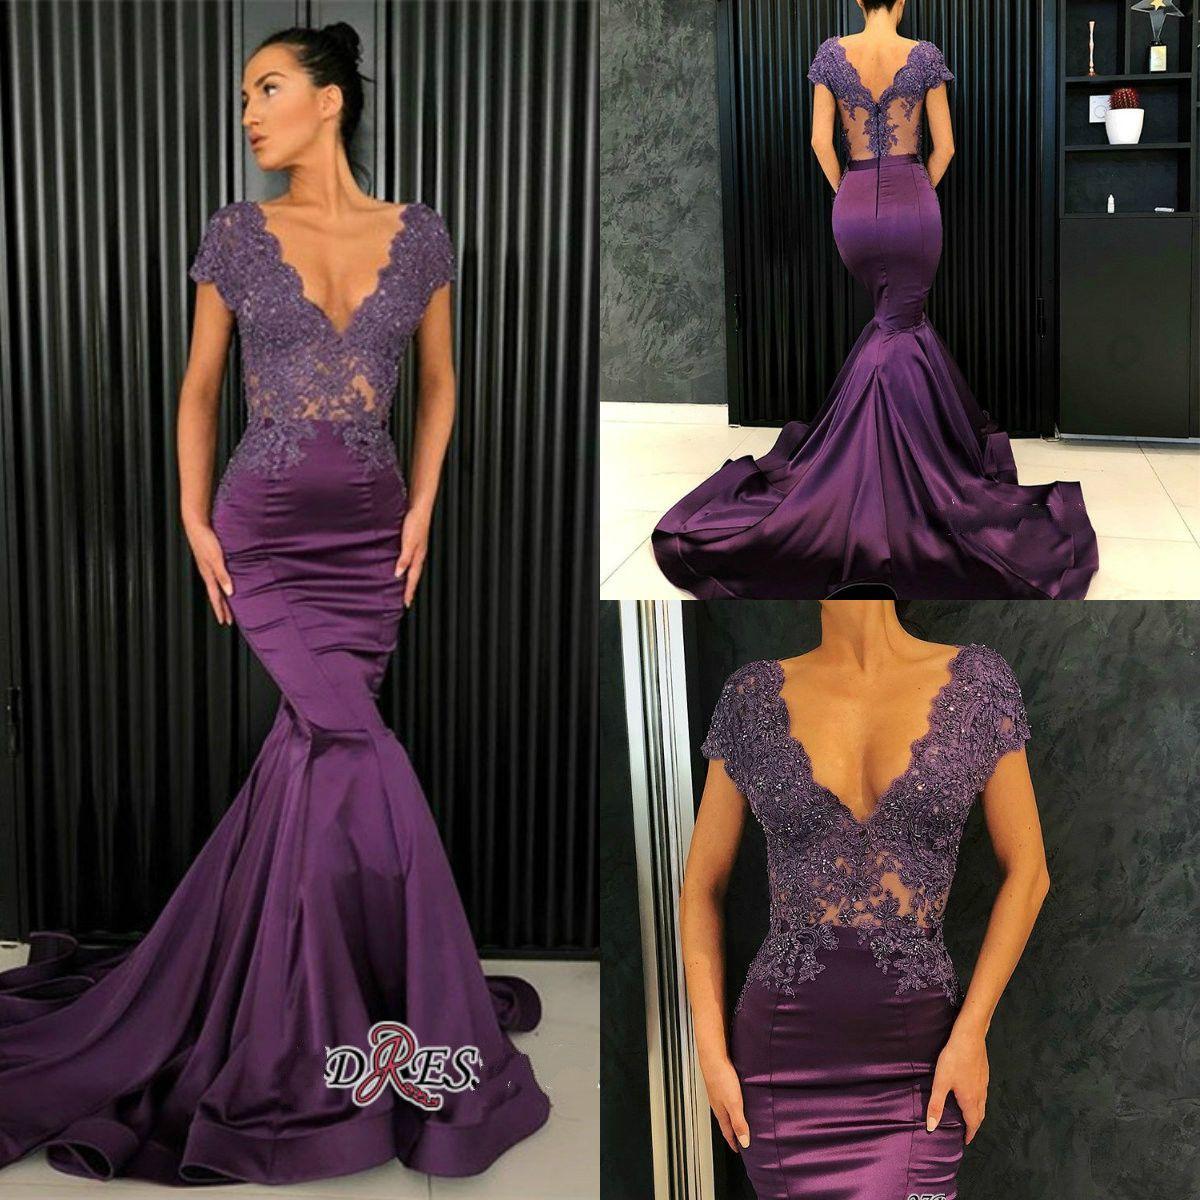 4d032096460fe Satın Al 2019 Mor Abiye V Boyun Dantel Aplike Boncuk Saten Sweep Tren  Custom Made Mermaid Balo Elbise Zarif Özel Durum Elbise, $106.79    DHgate.Com'da